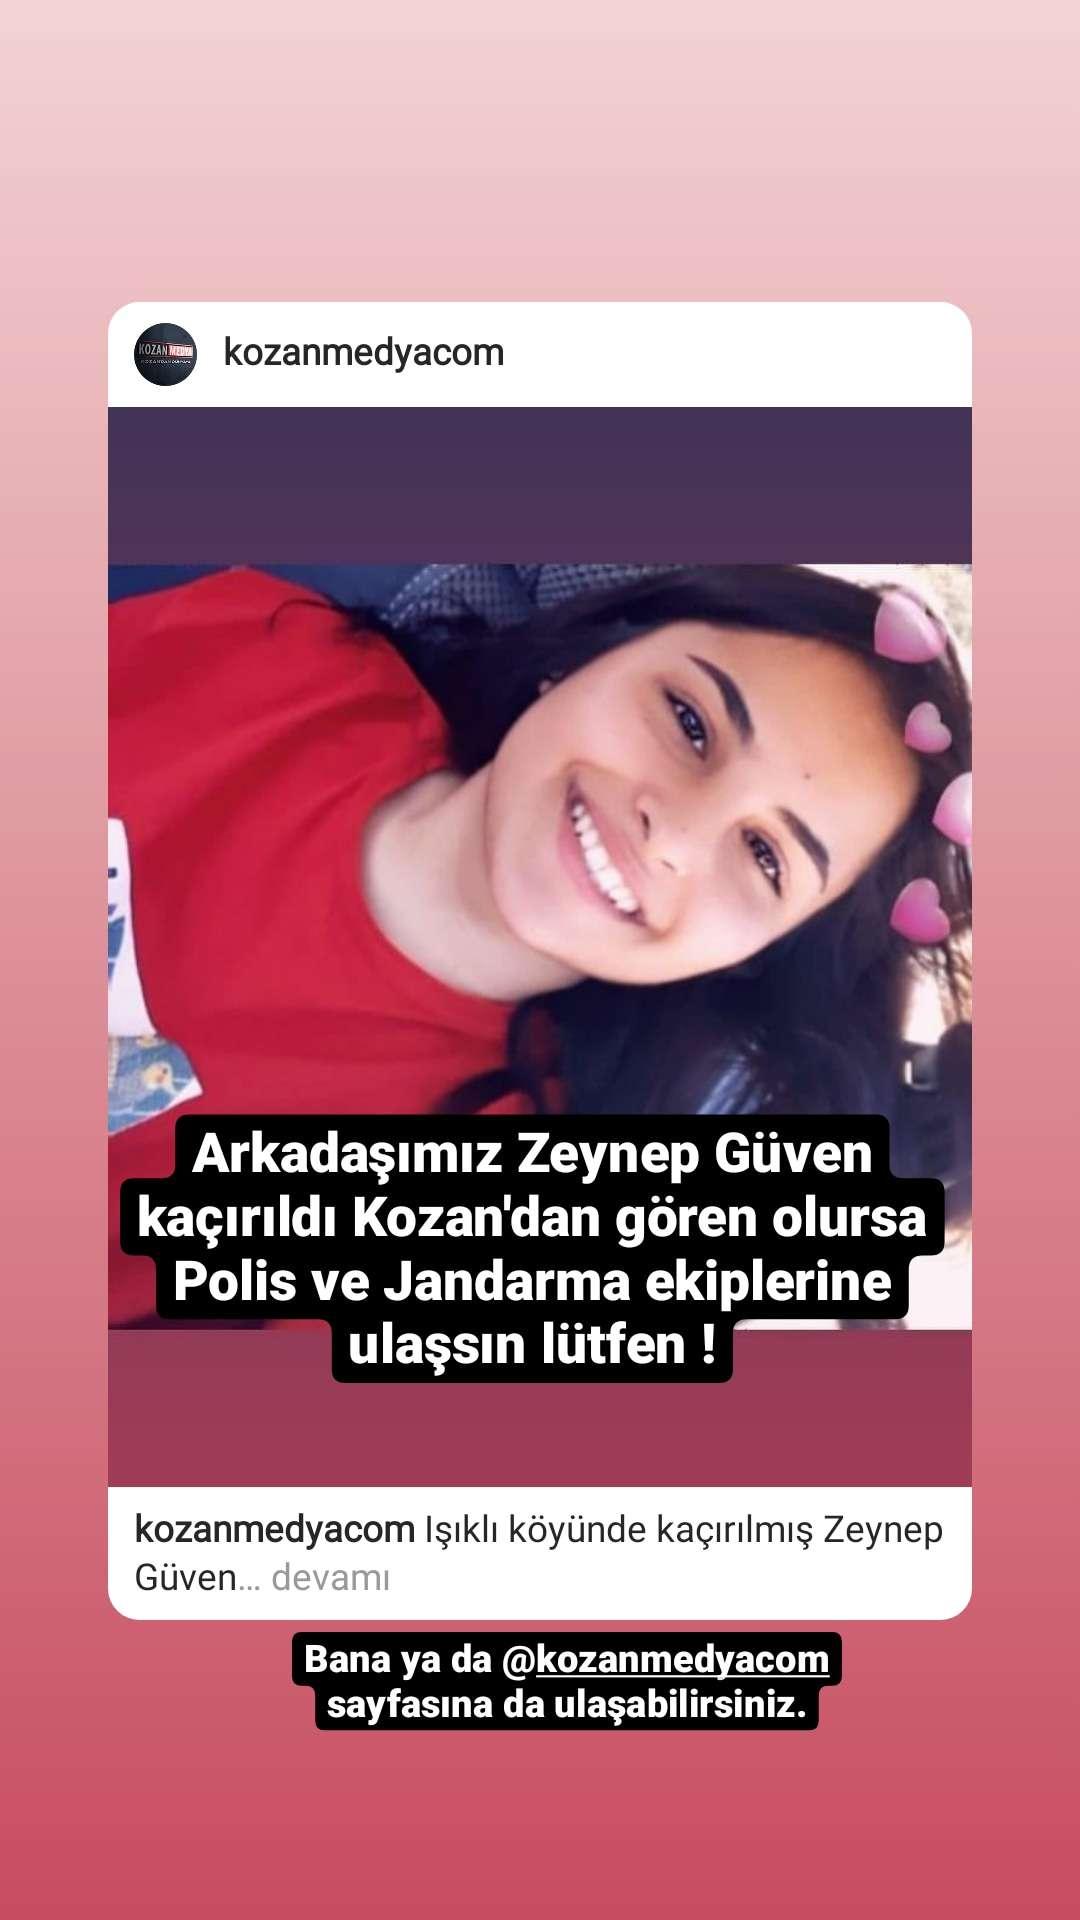 Kayıp Çocuk! Adana/kozan IŞIKLI köyü